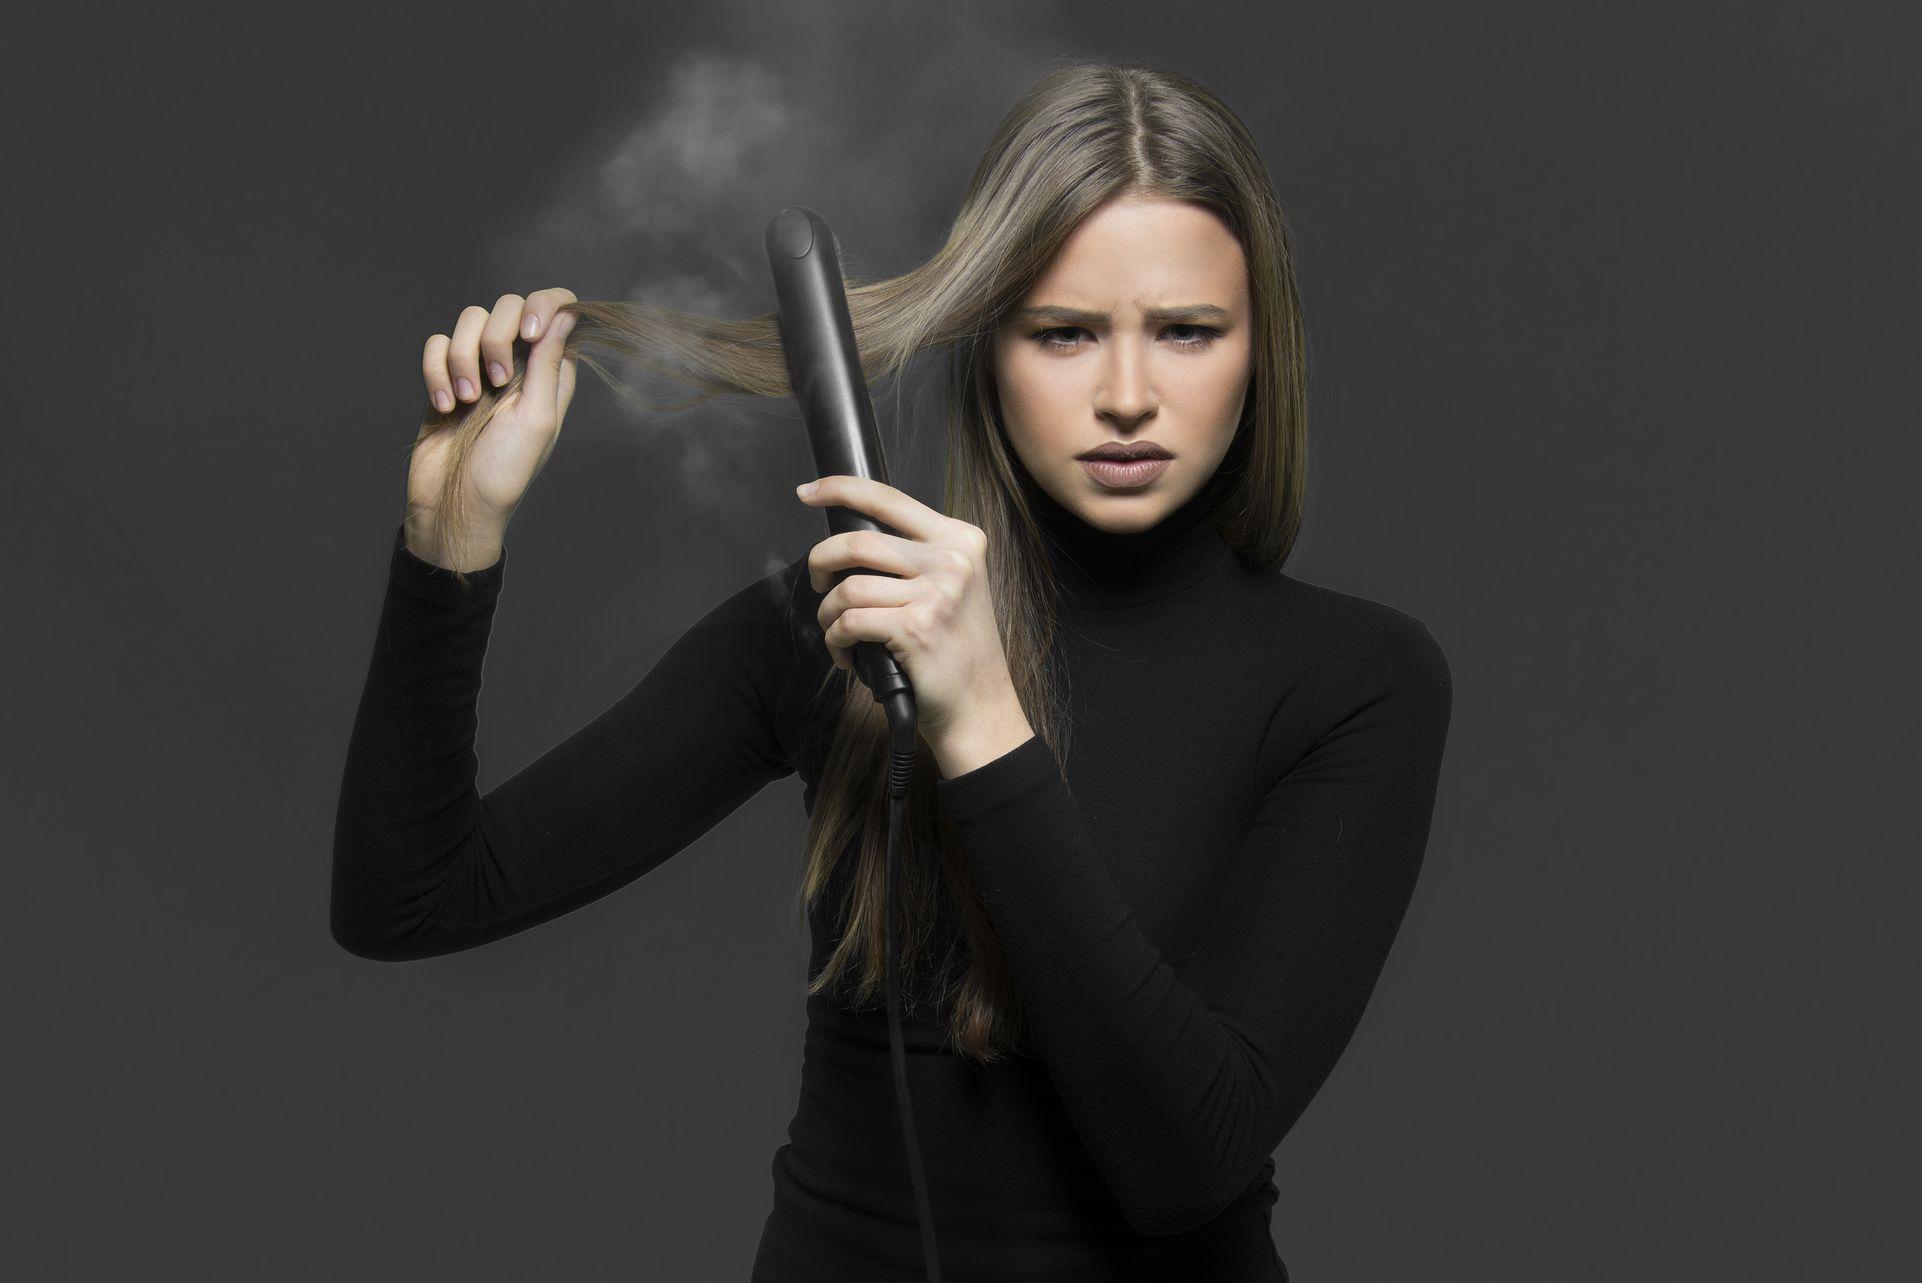 Le lissage avec chaleur affaiblit le cheveux qui présente une texture différente, souvent rugueuse et rêche.